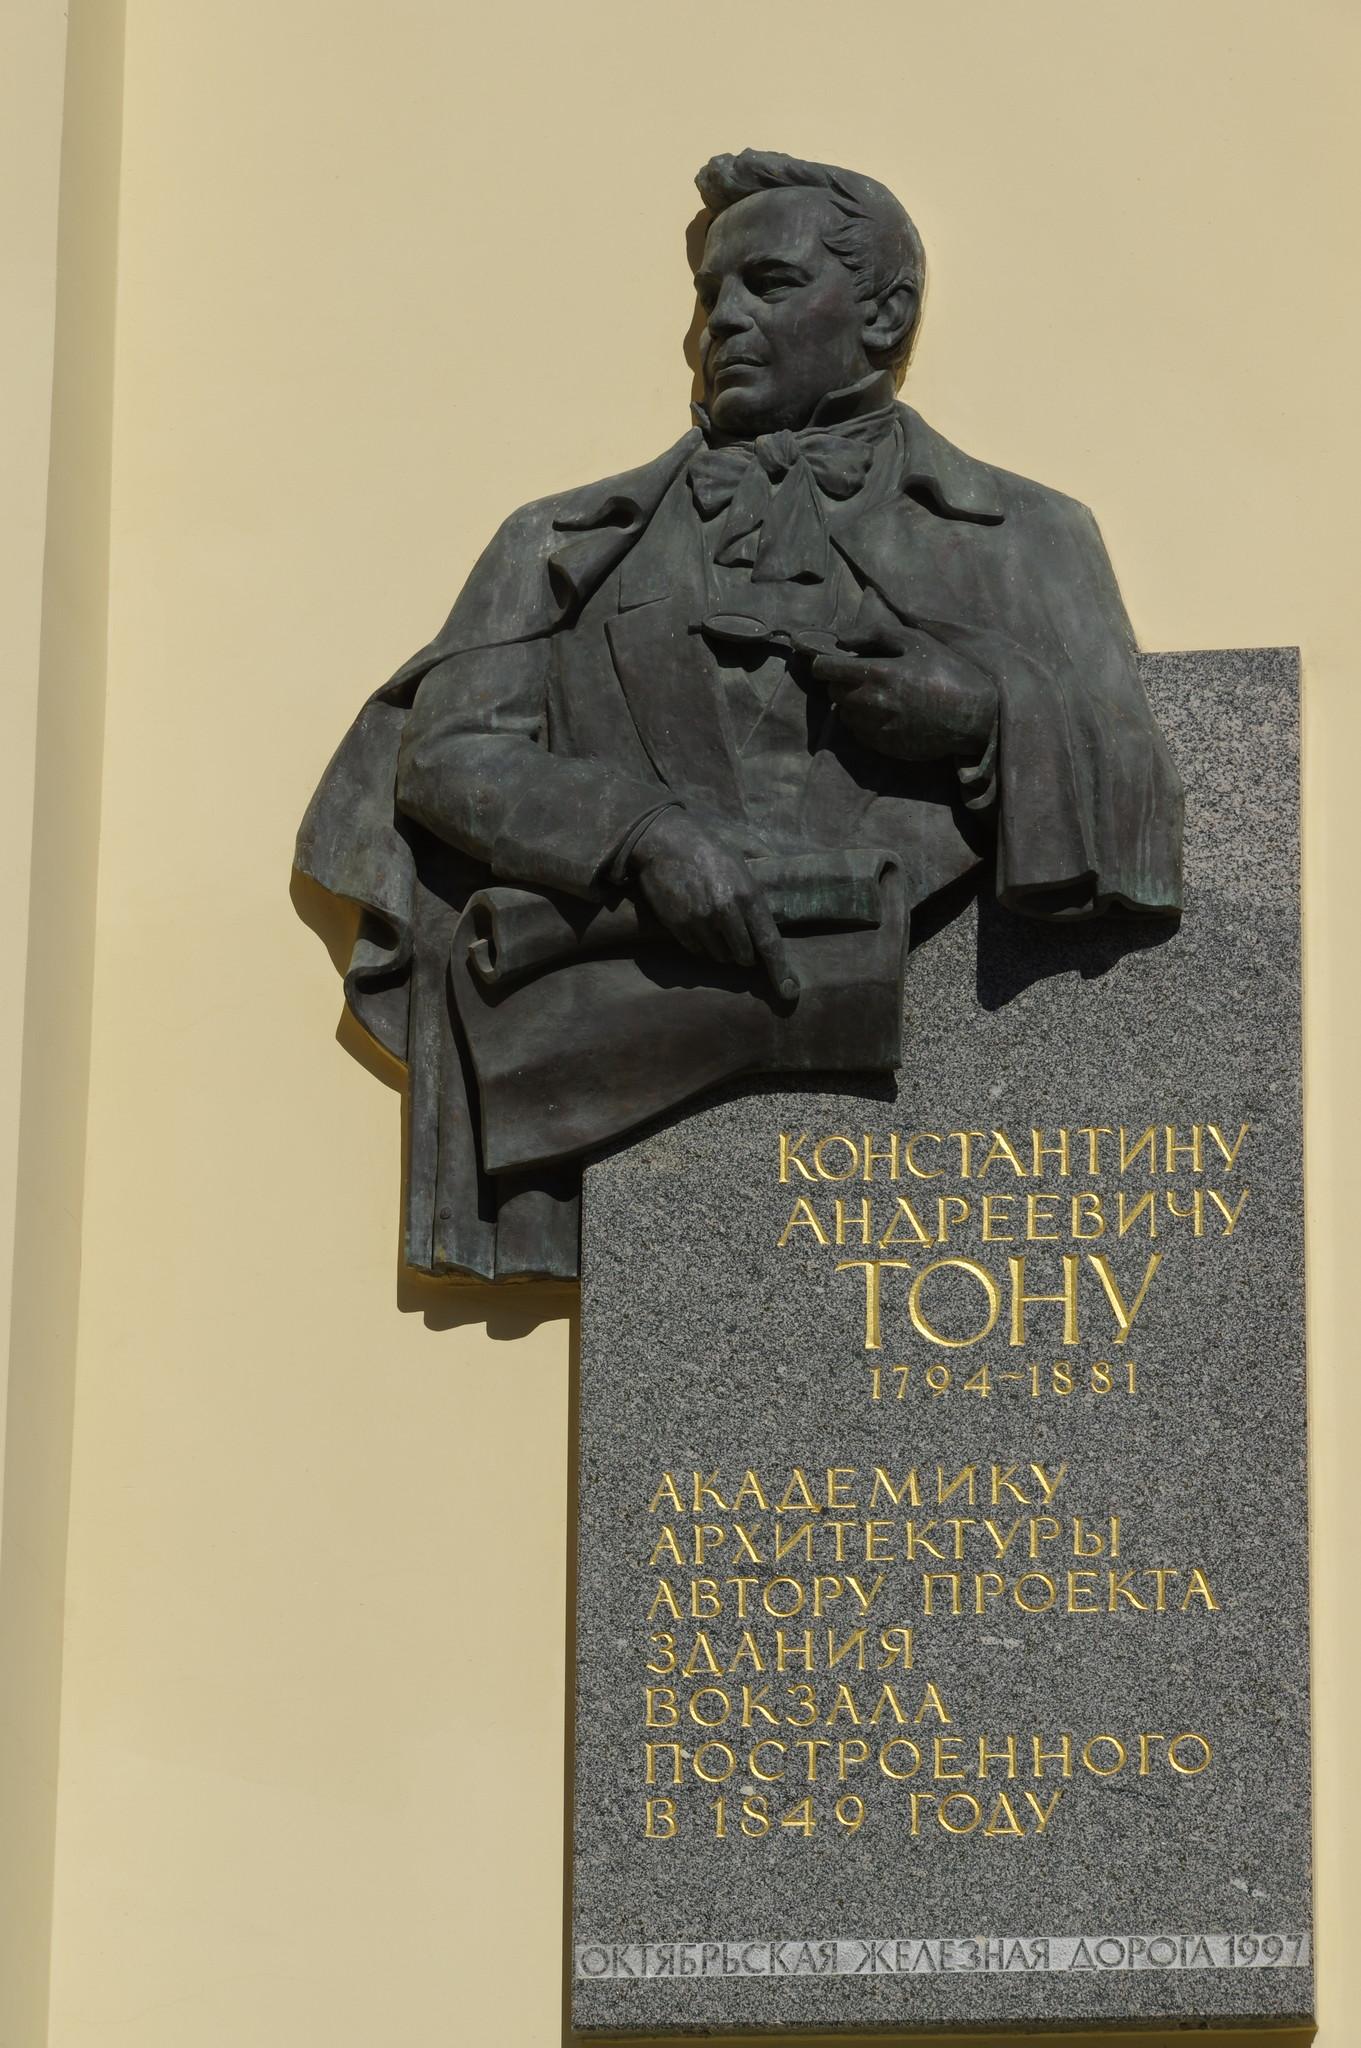 Памятная доска Константину Андреевичу Тону на левом боковом фасаде Ленинградского вокзала в Москве